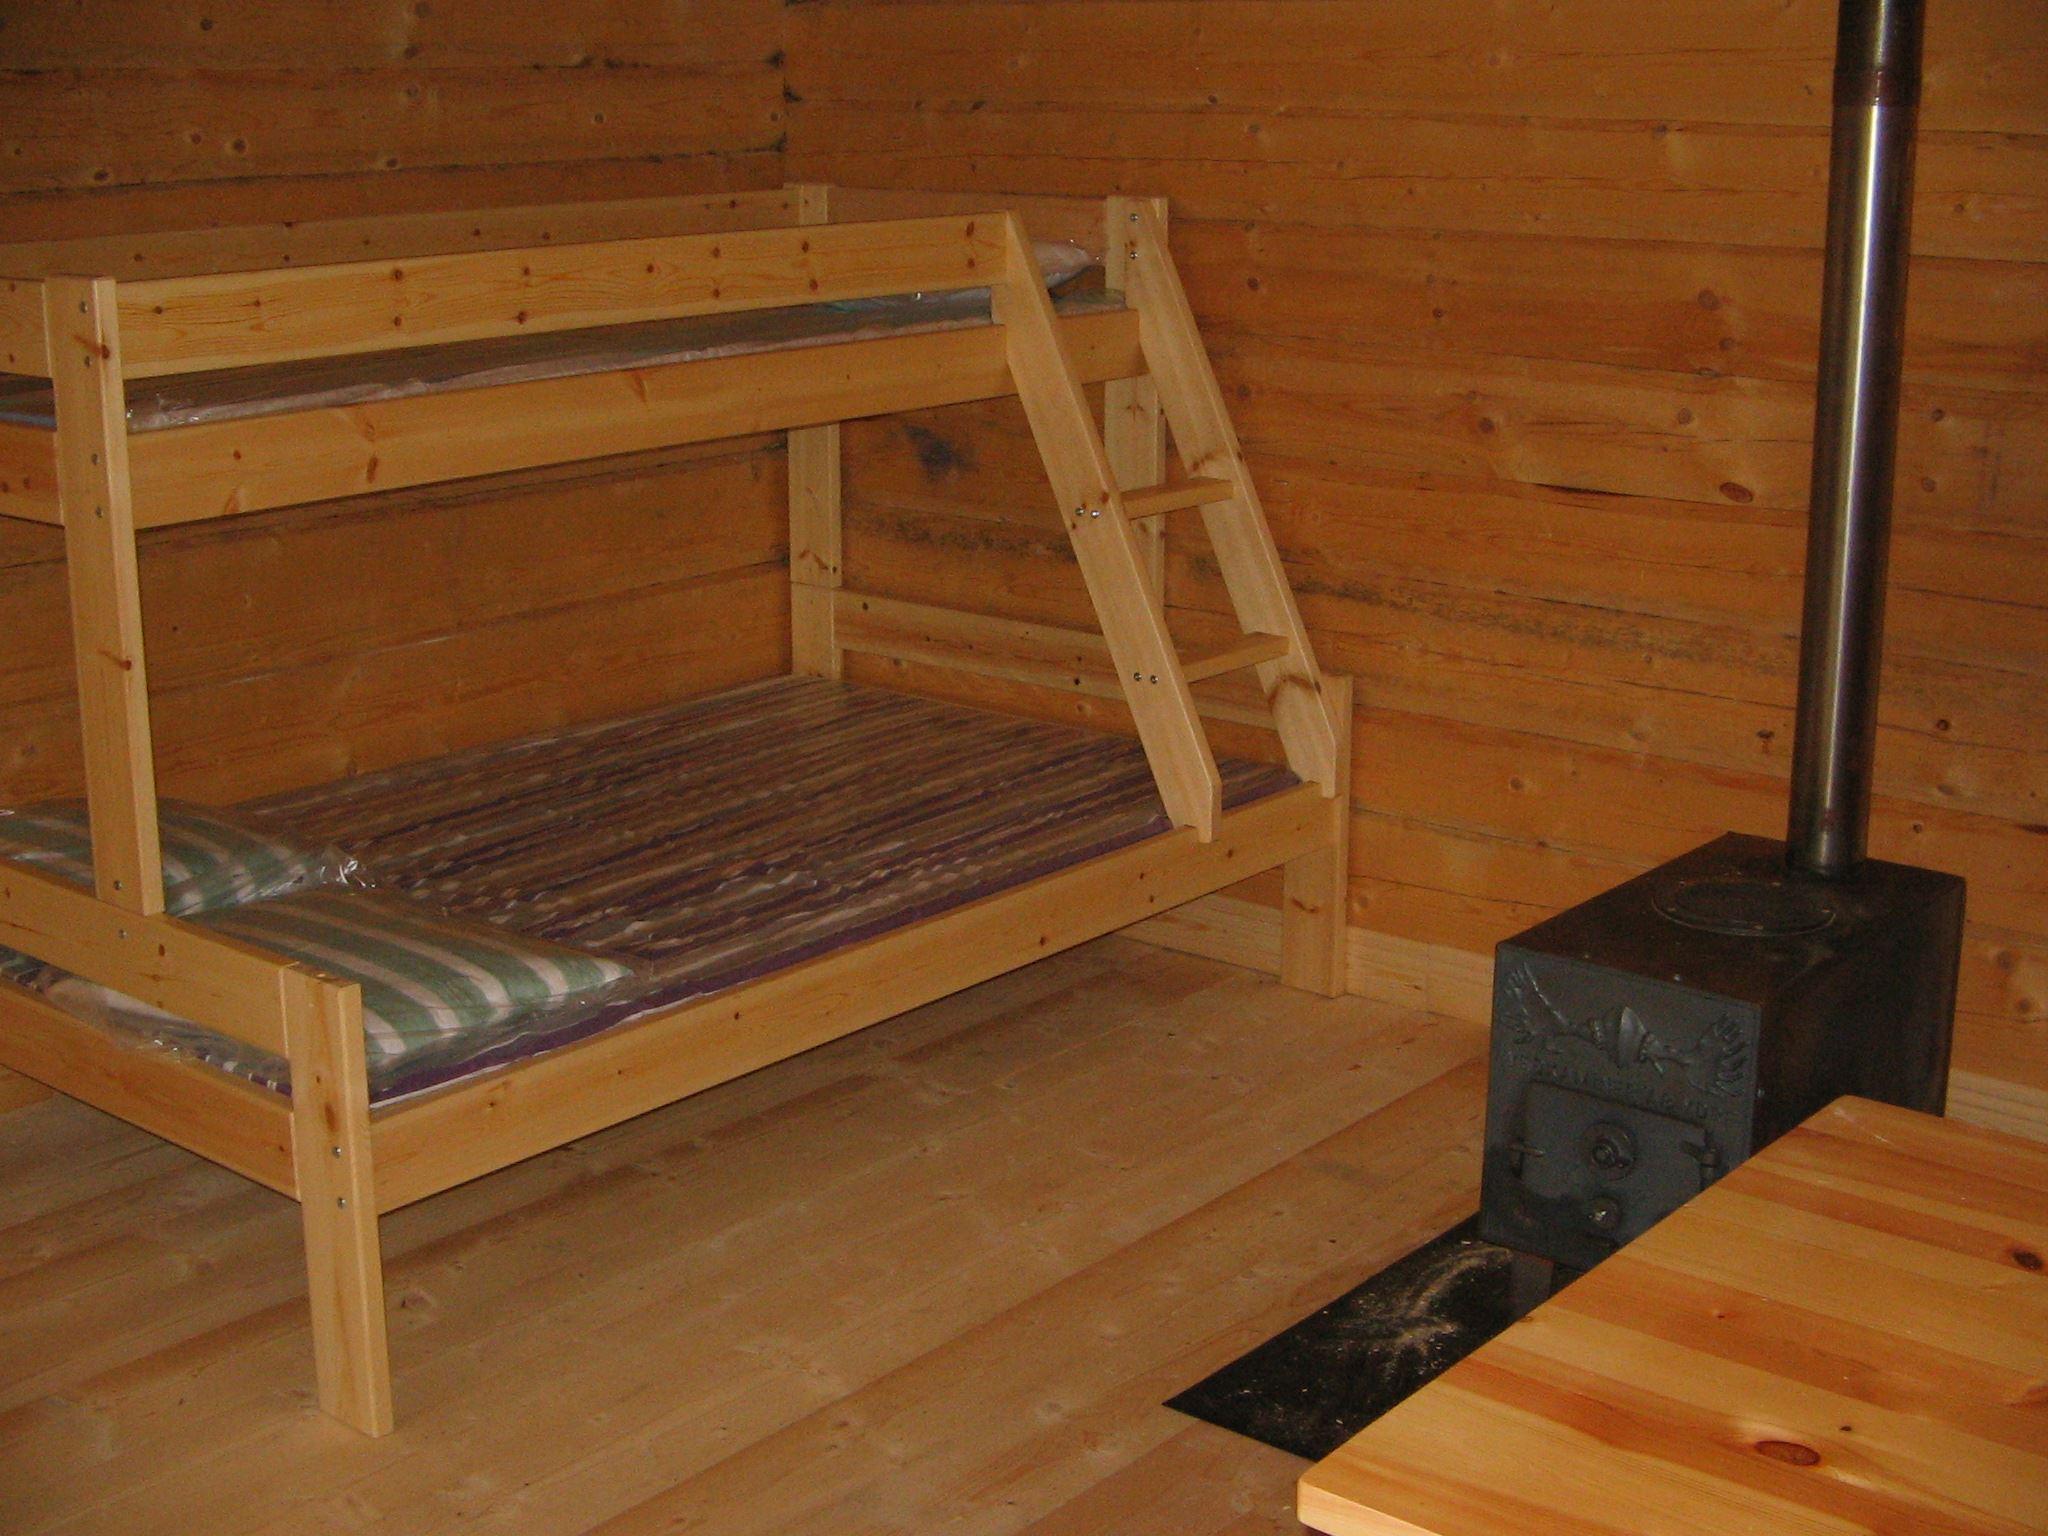 Hütten in Stor-Stensjöbodarna